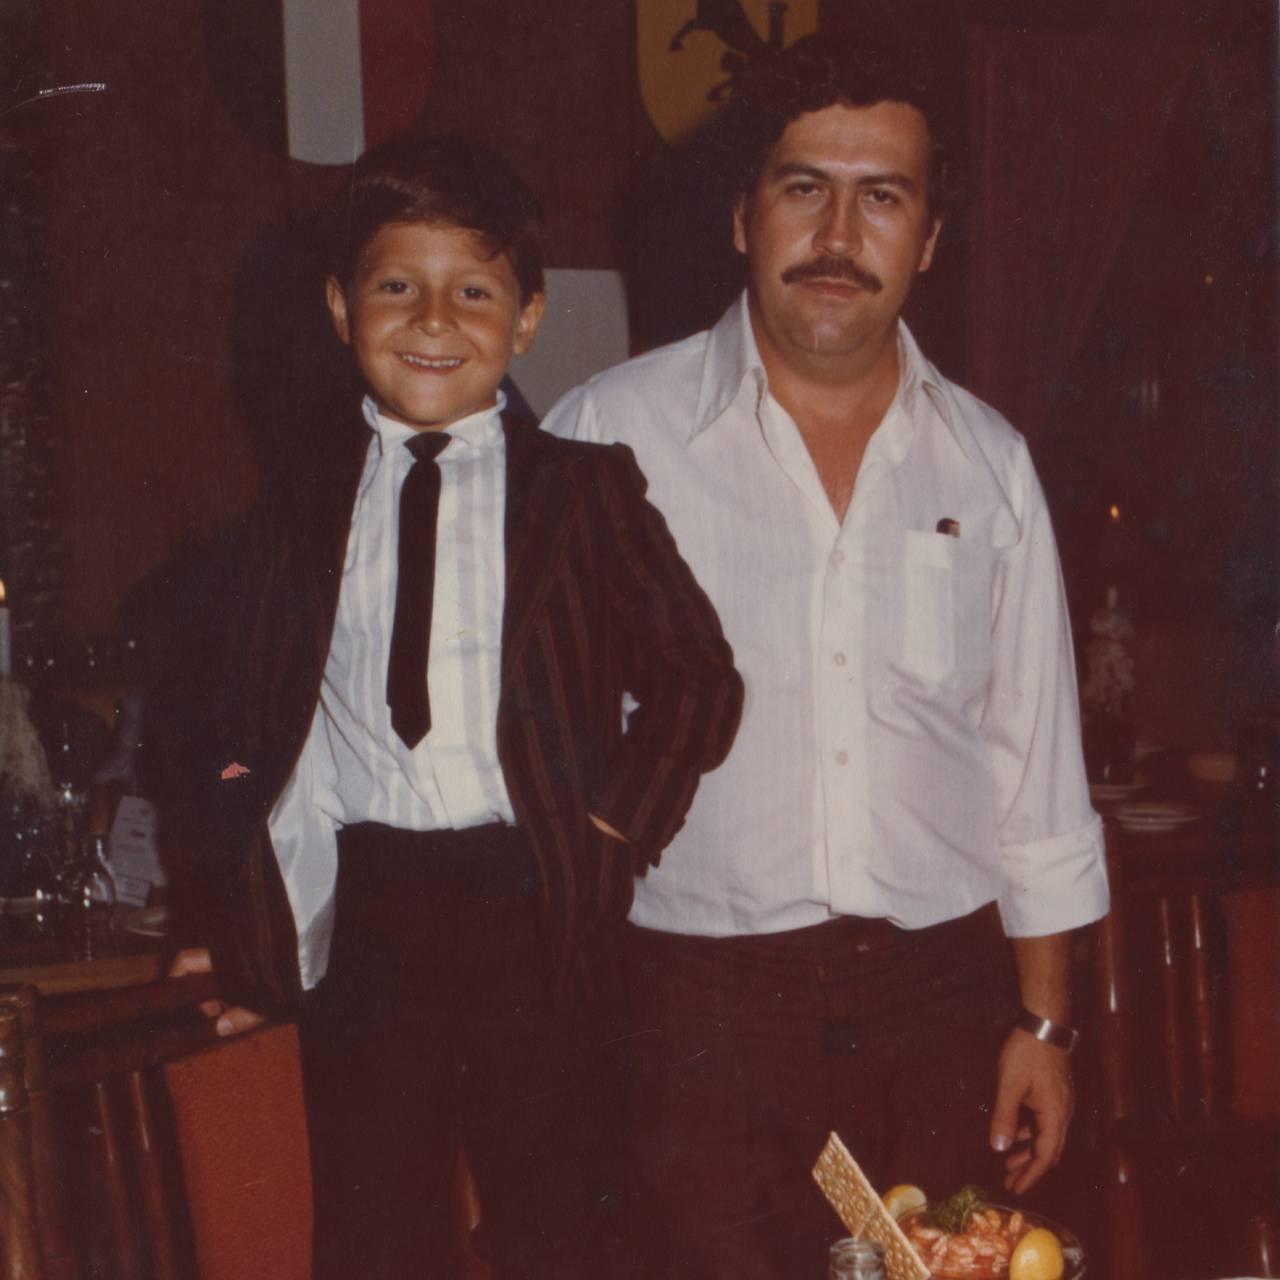 Sønn og far under bursdagsfeiring. (Sønn Juan Pablo husker ikke hvilket år dette er fra.)